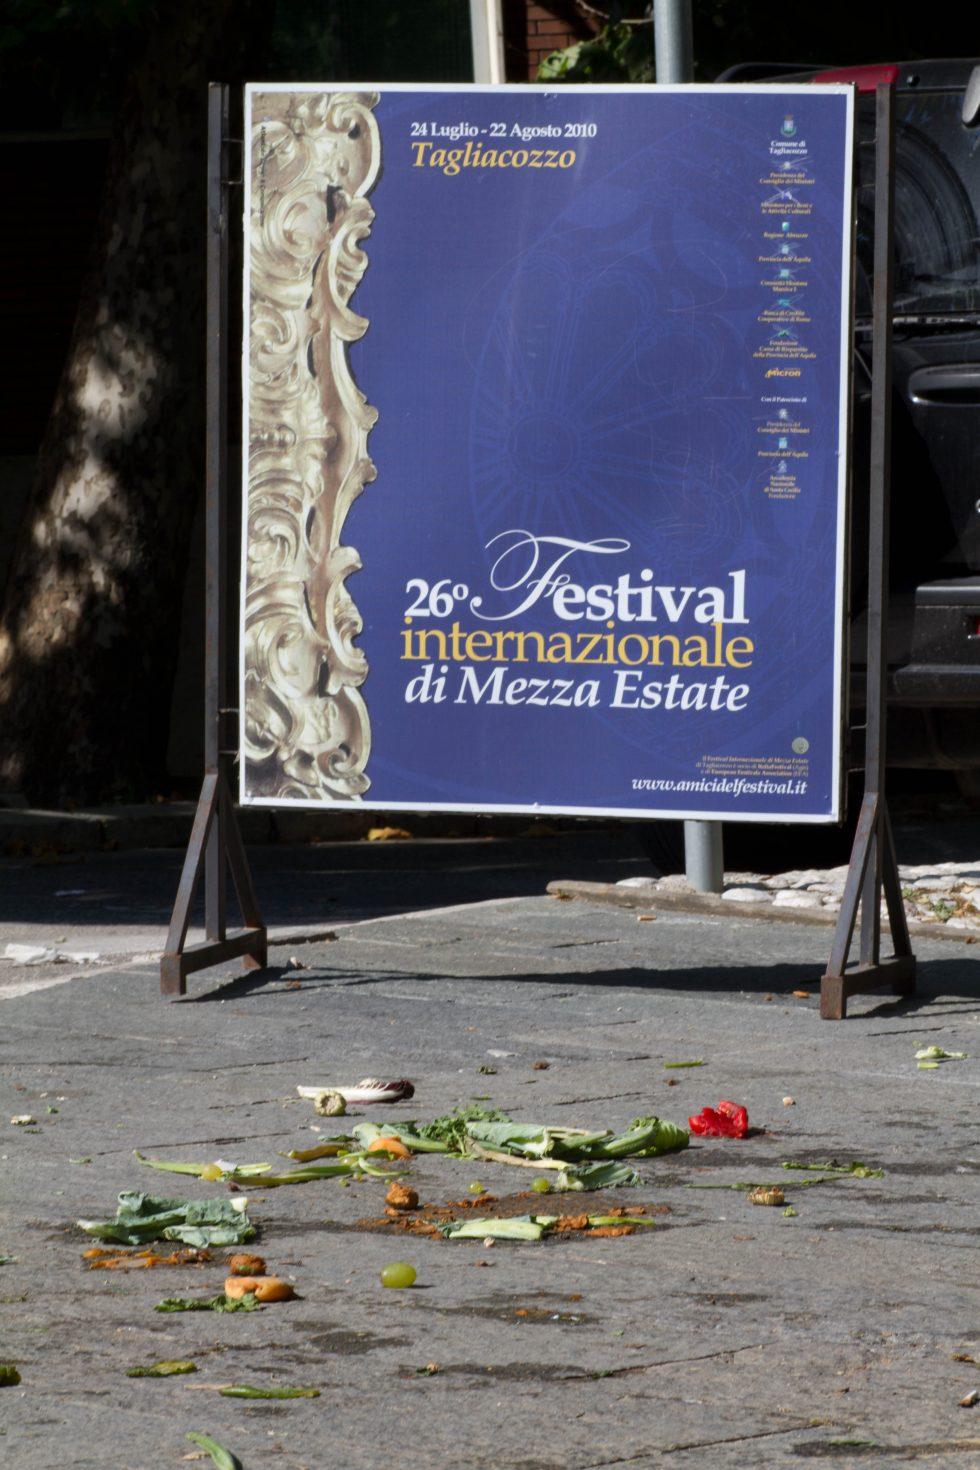 Provincialismo e Considerazioni sul Festival Internazionale di Mezza Estate